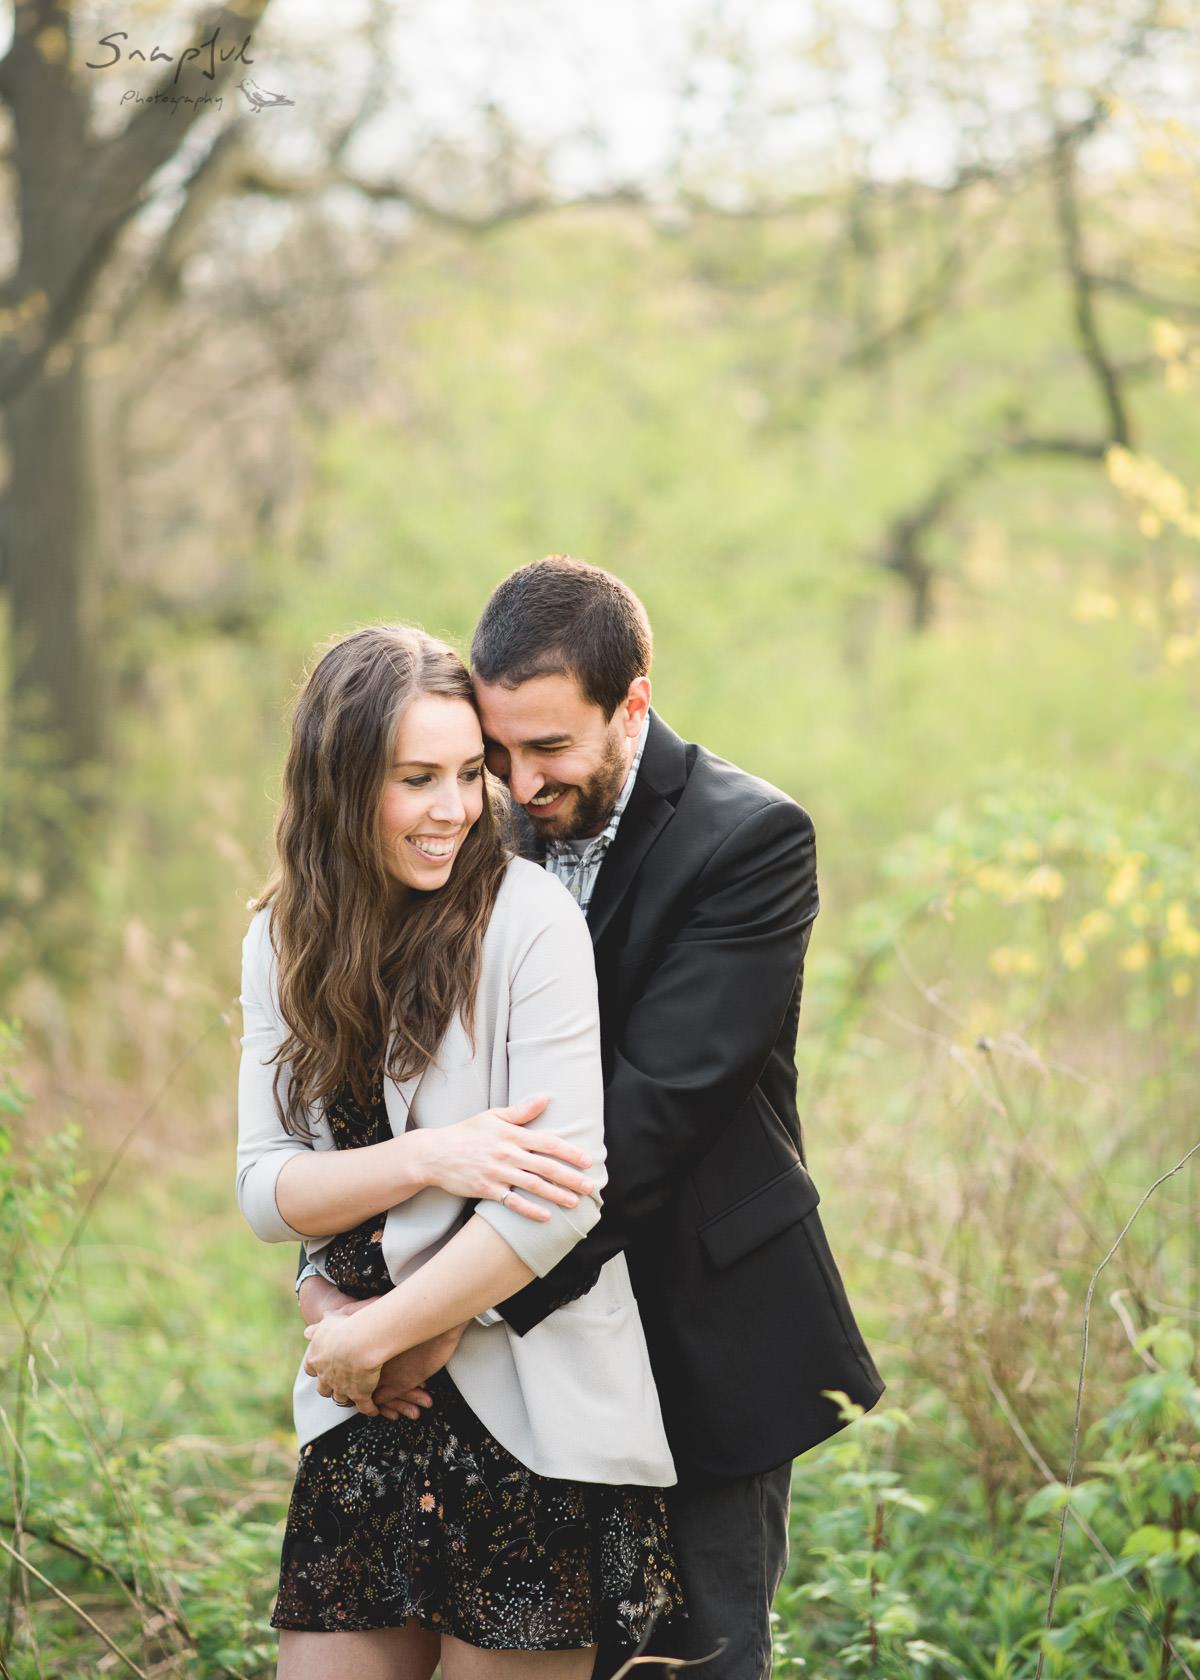 Paul-Sarah-Engagement-High-Park-Toronto-15